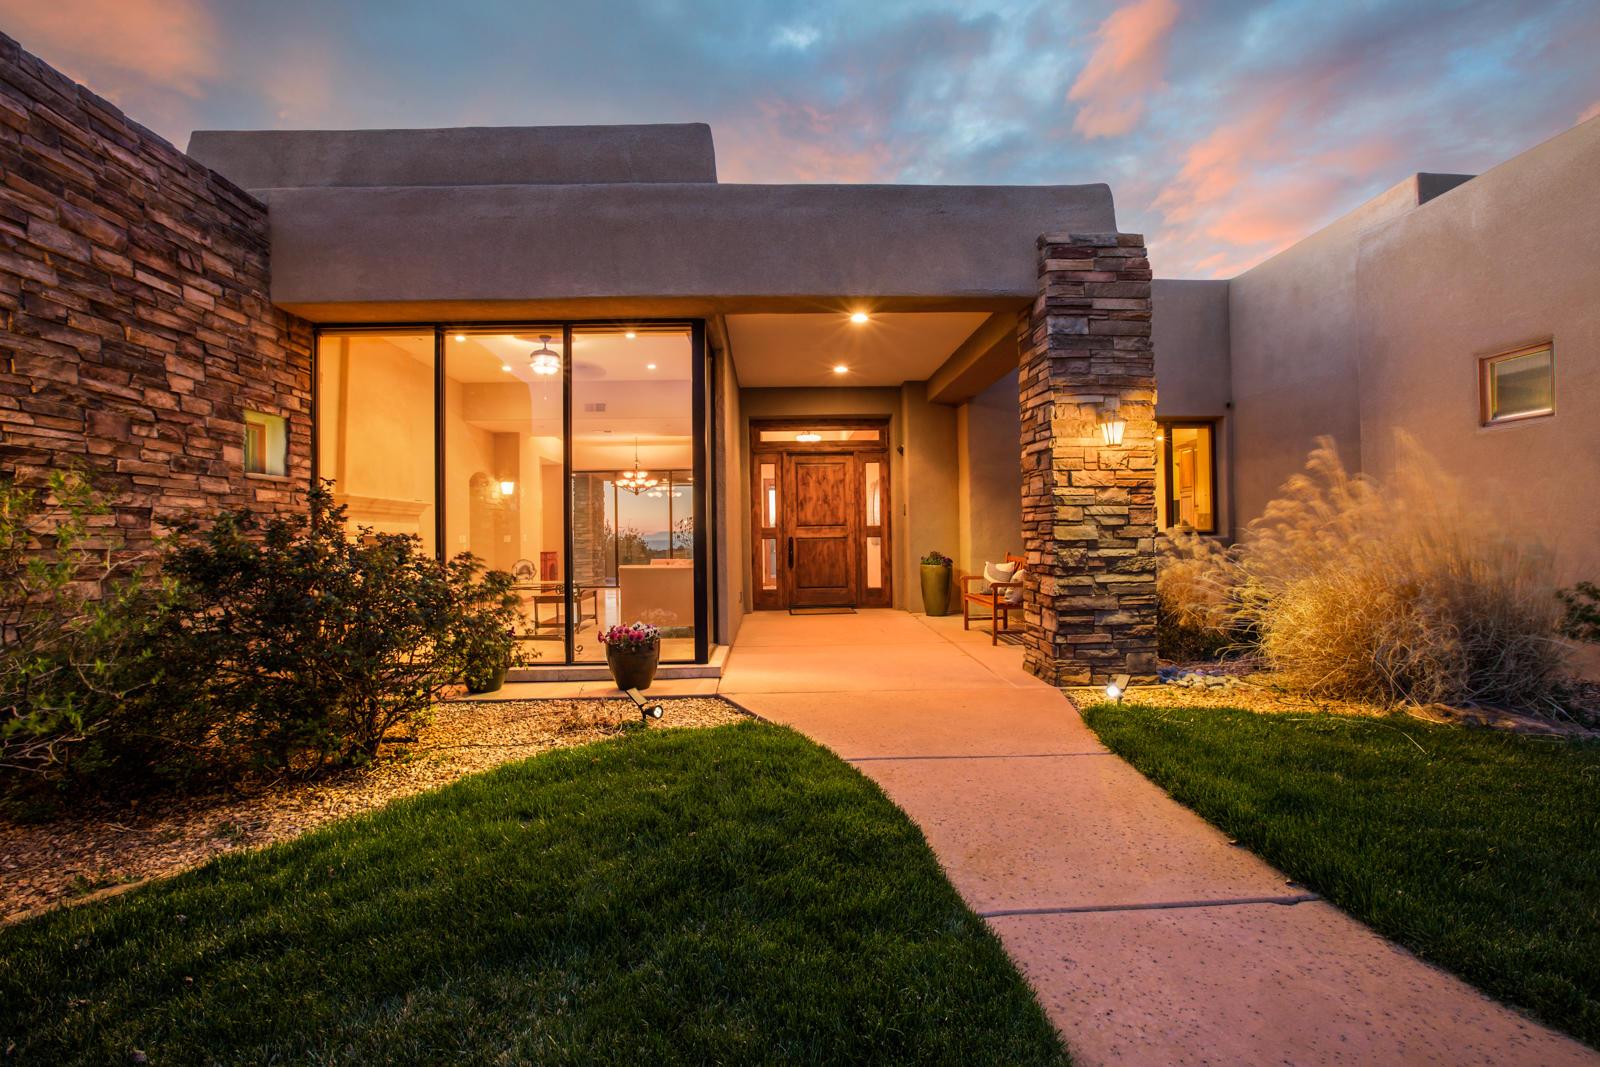 13401 QUAKING ASPEN Place, Albuquerque NM 87111